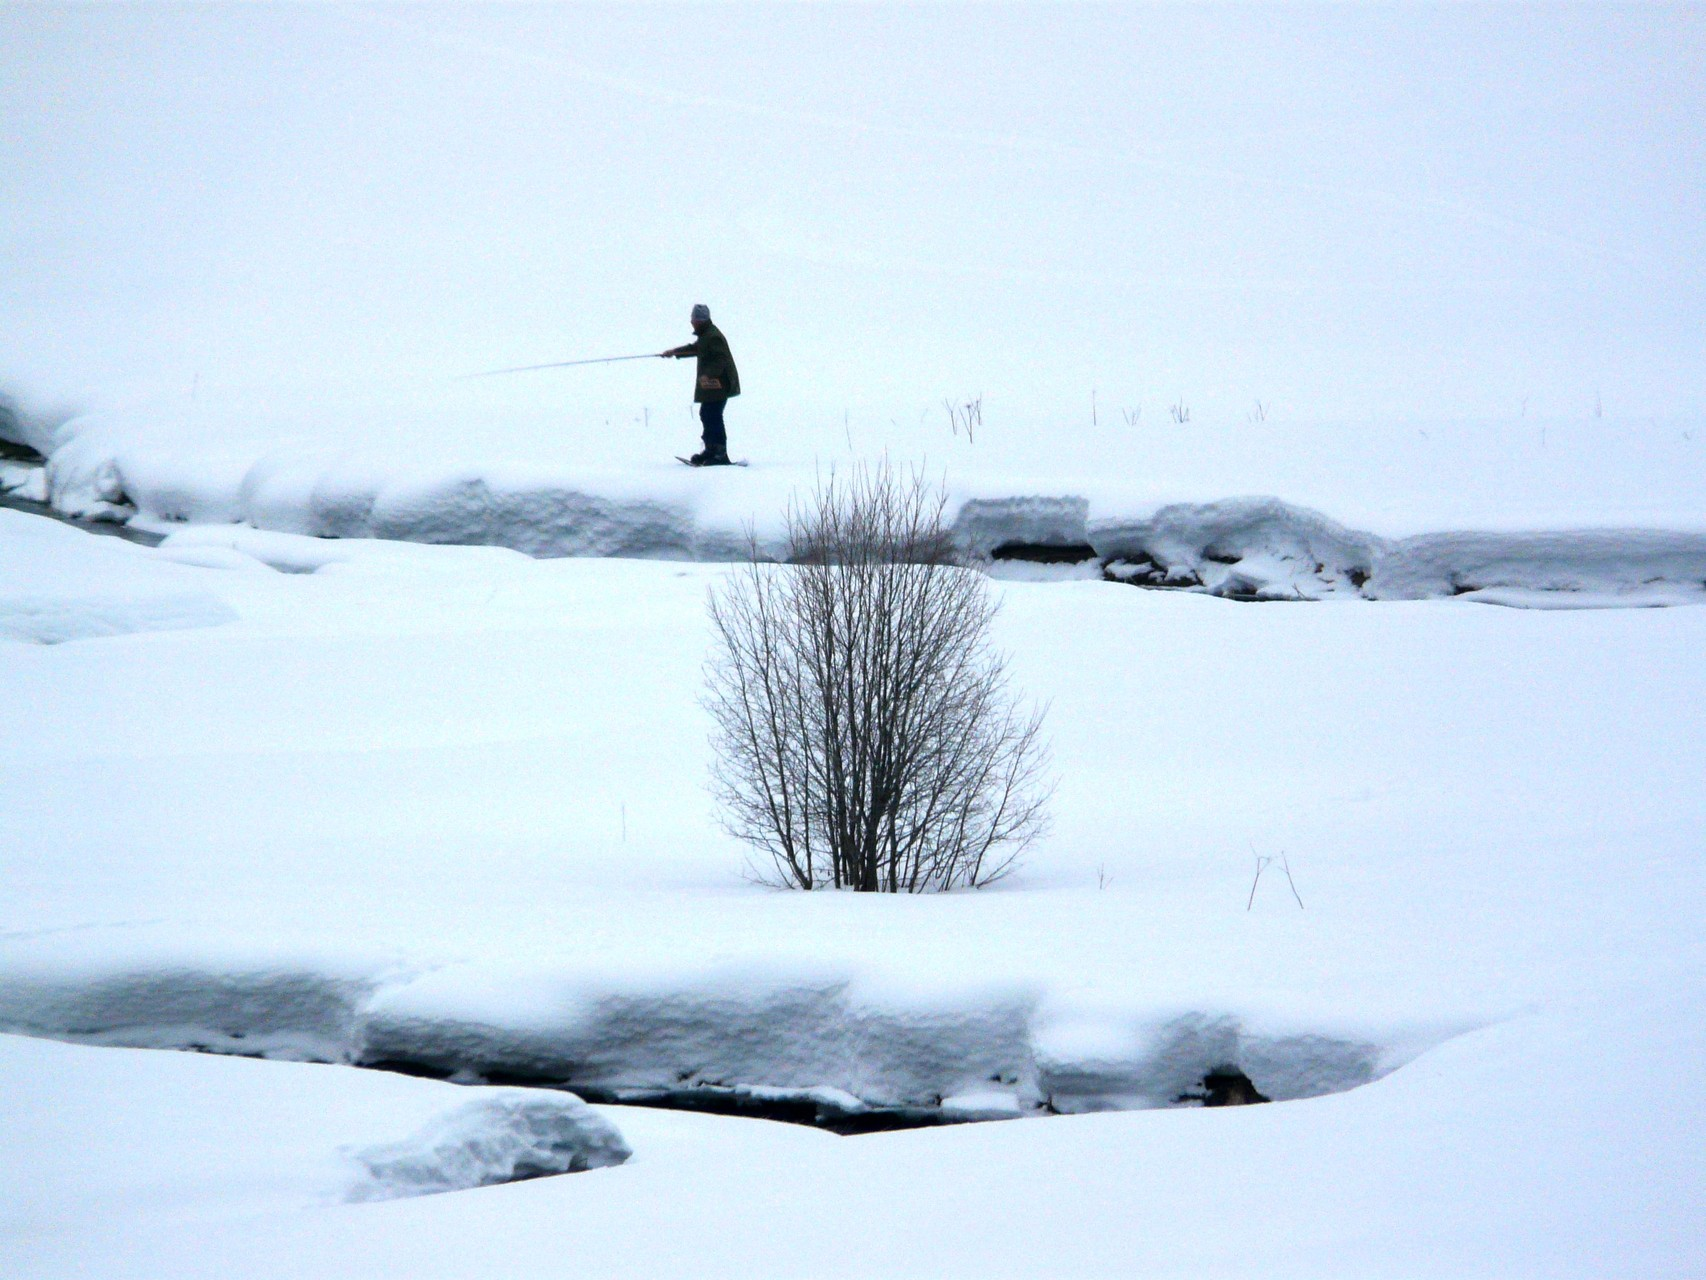 Les rêveries du pêcheur solitaire